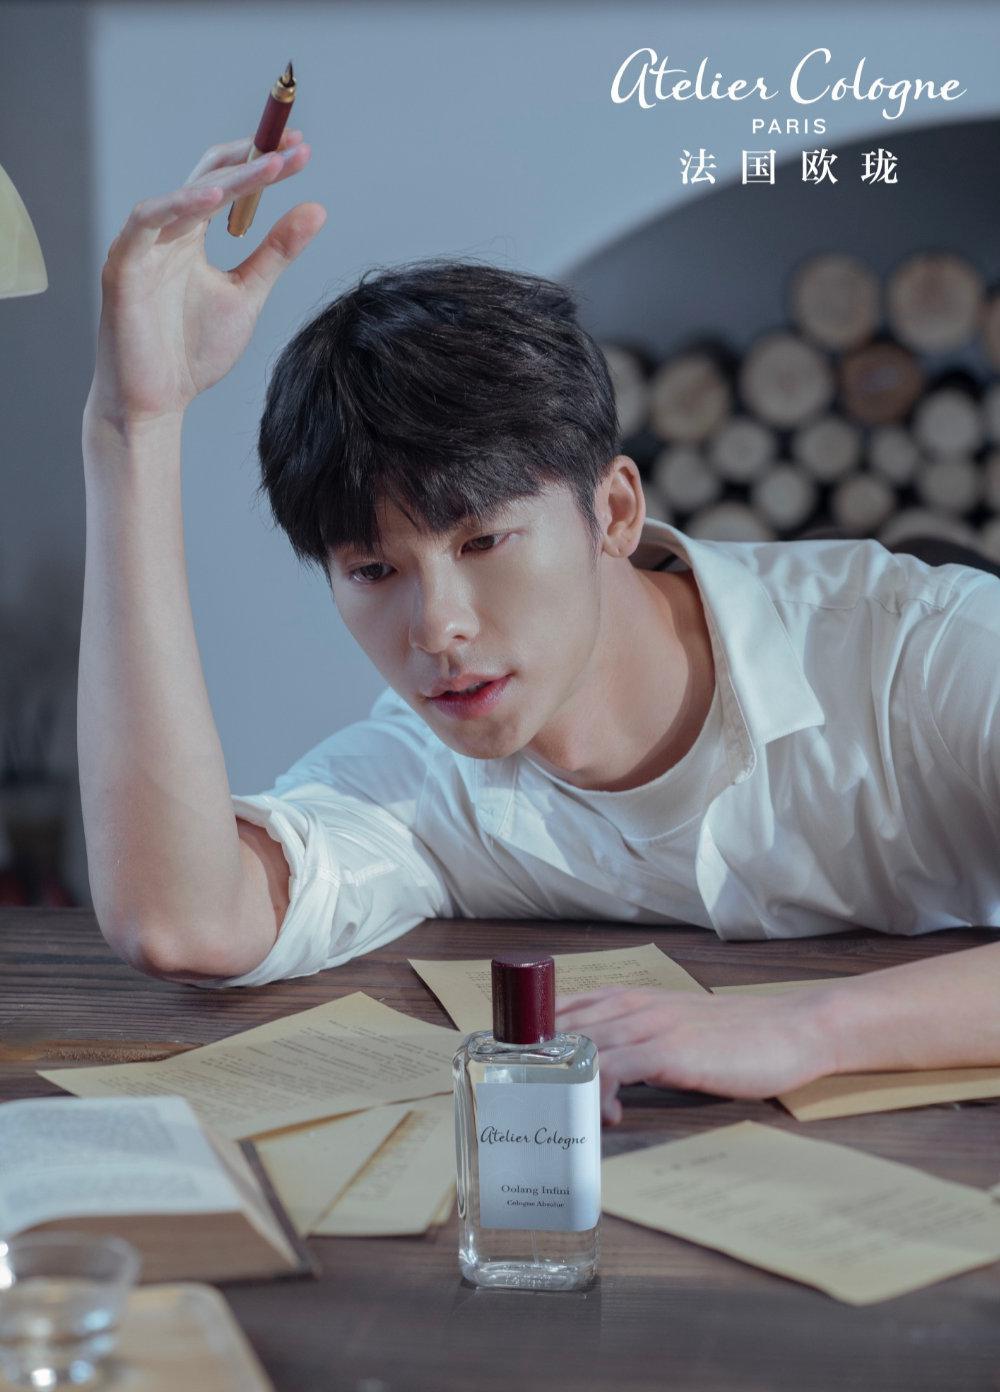 诞生于法国的香水品牌AtelierCologne稍早宣布推出一款新香味「无极乌龙Oolang